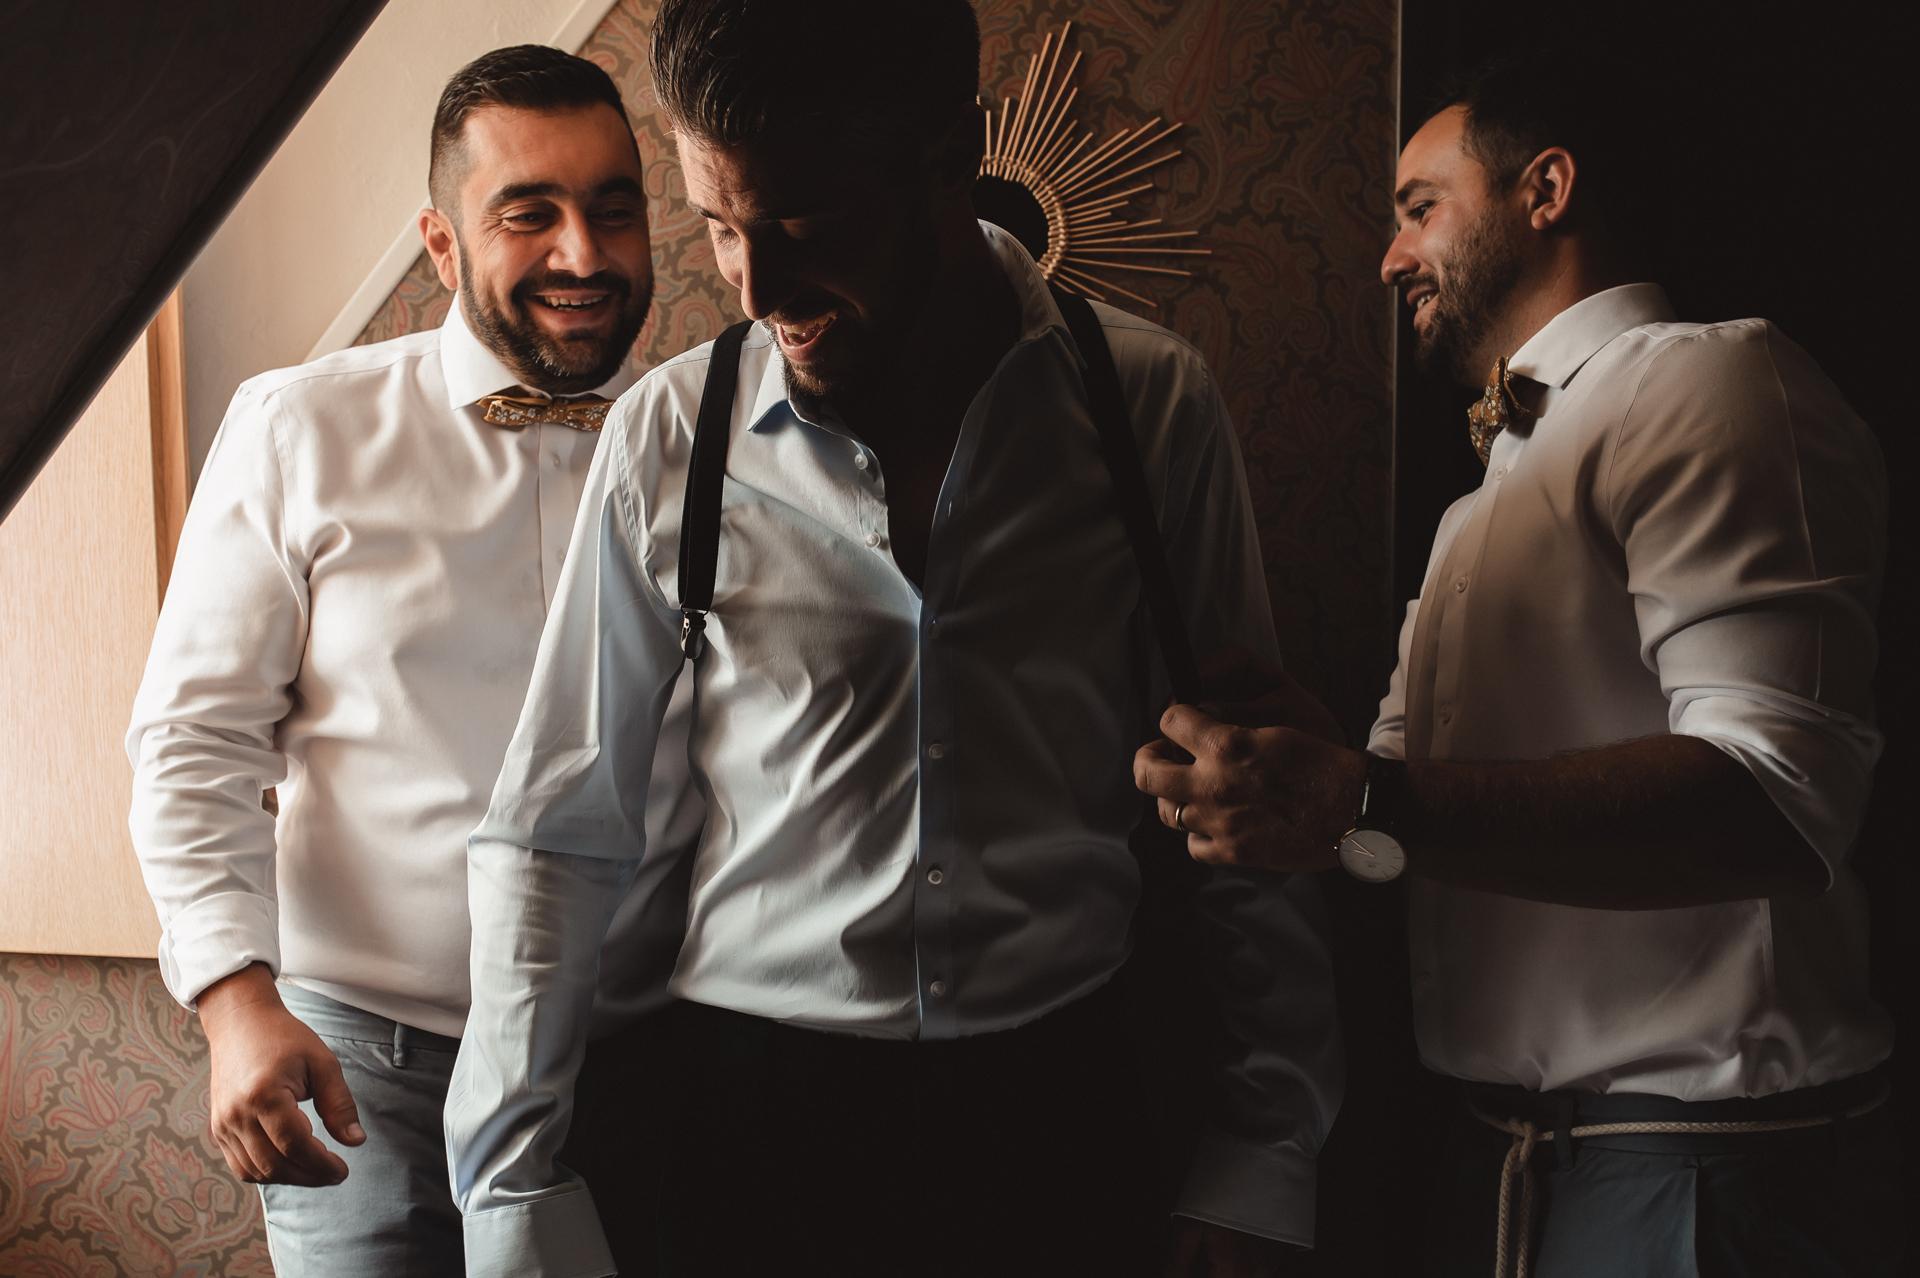 法国最佳婚礼摄影| 新郎和他的服务员为仪式做准备